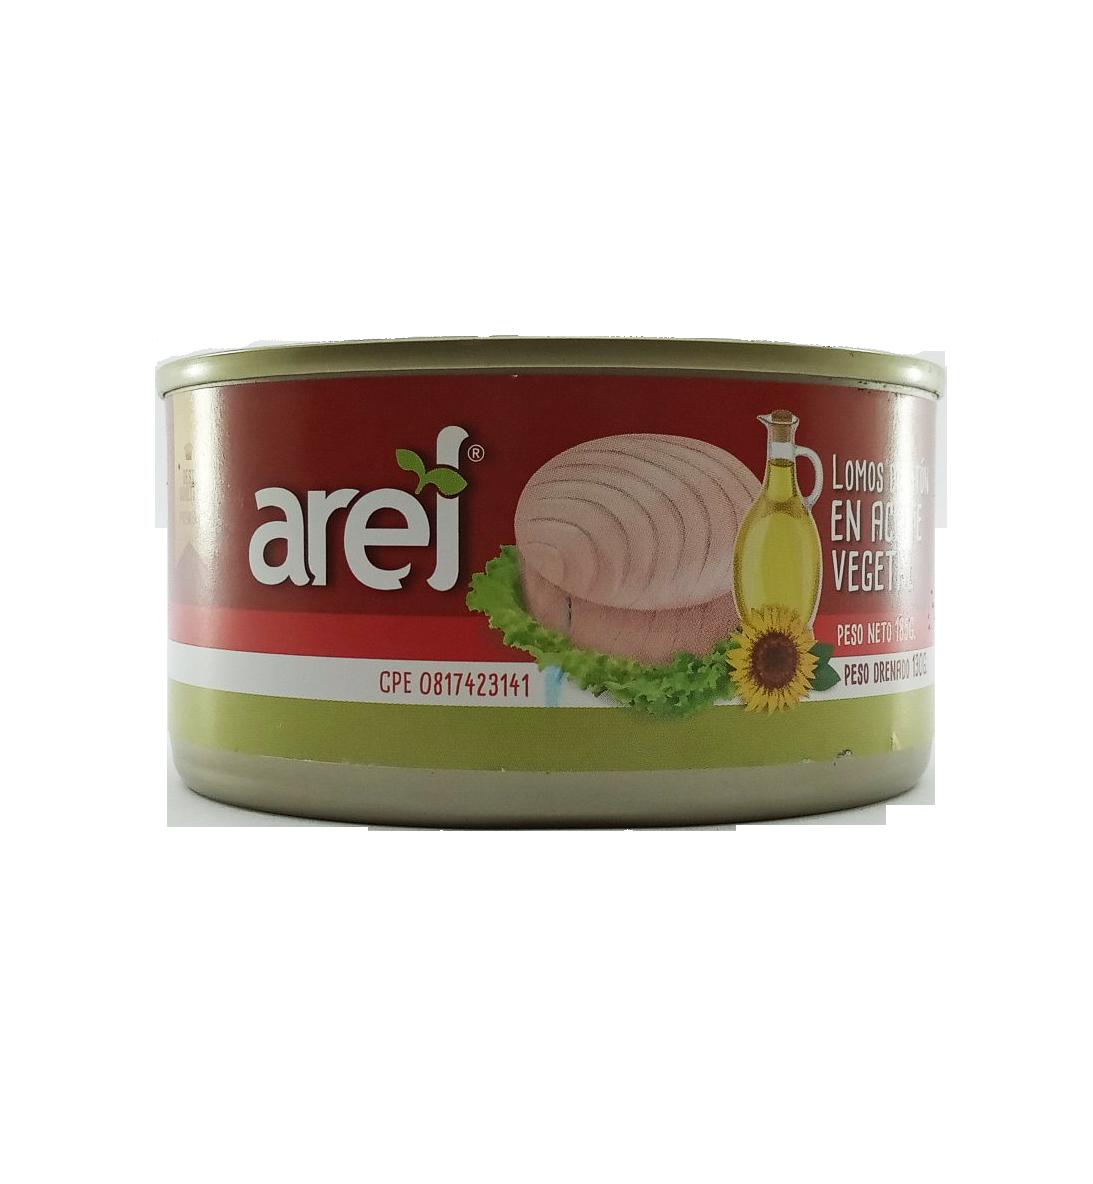 AREL LOMOS DE ATUN EN ACEITE VEGETAL 185GR